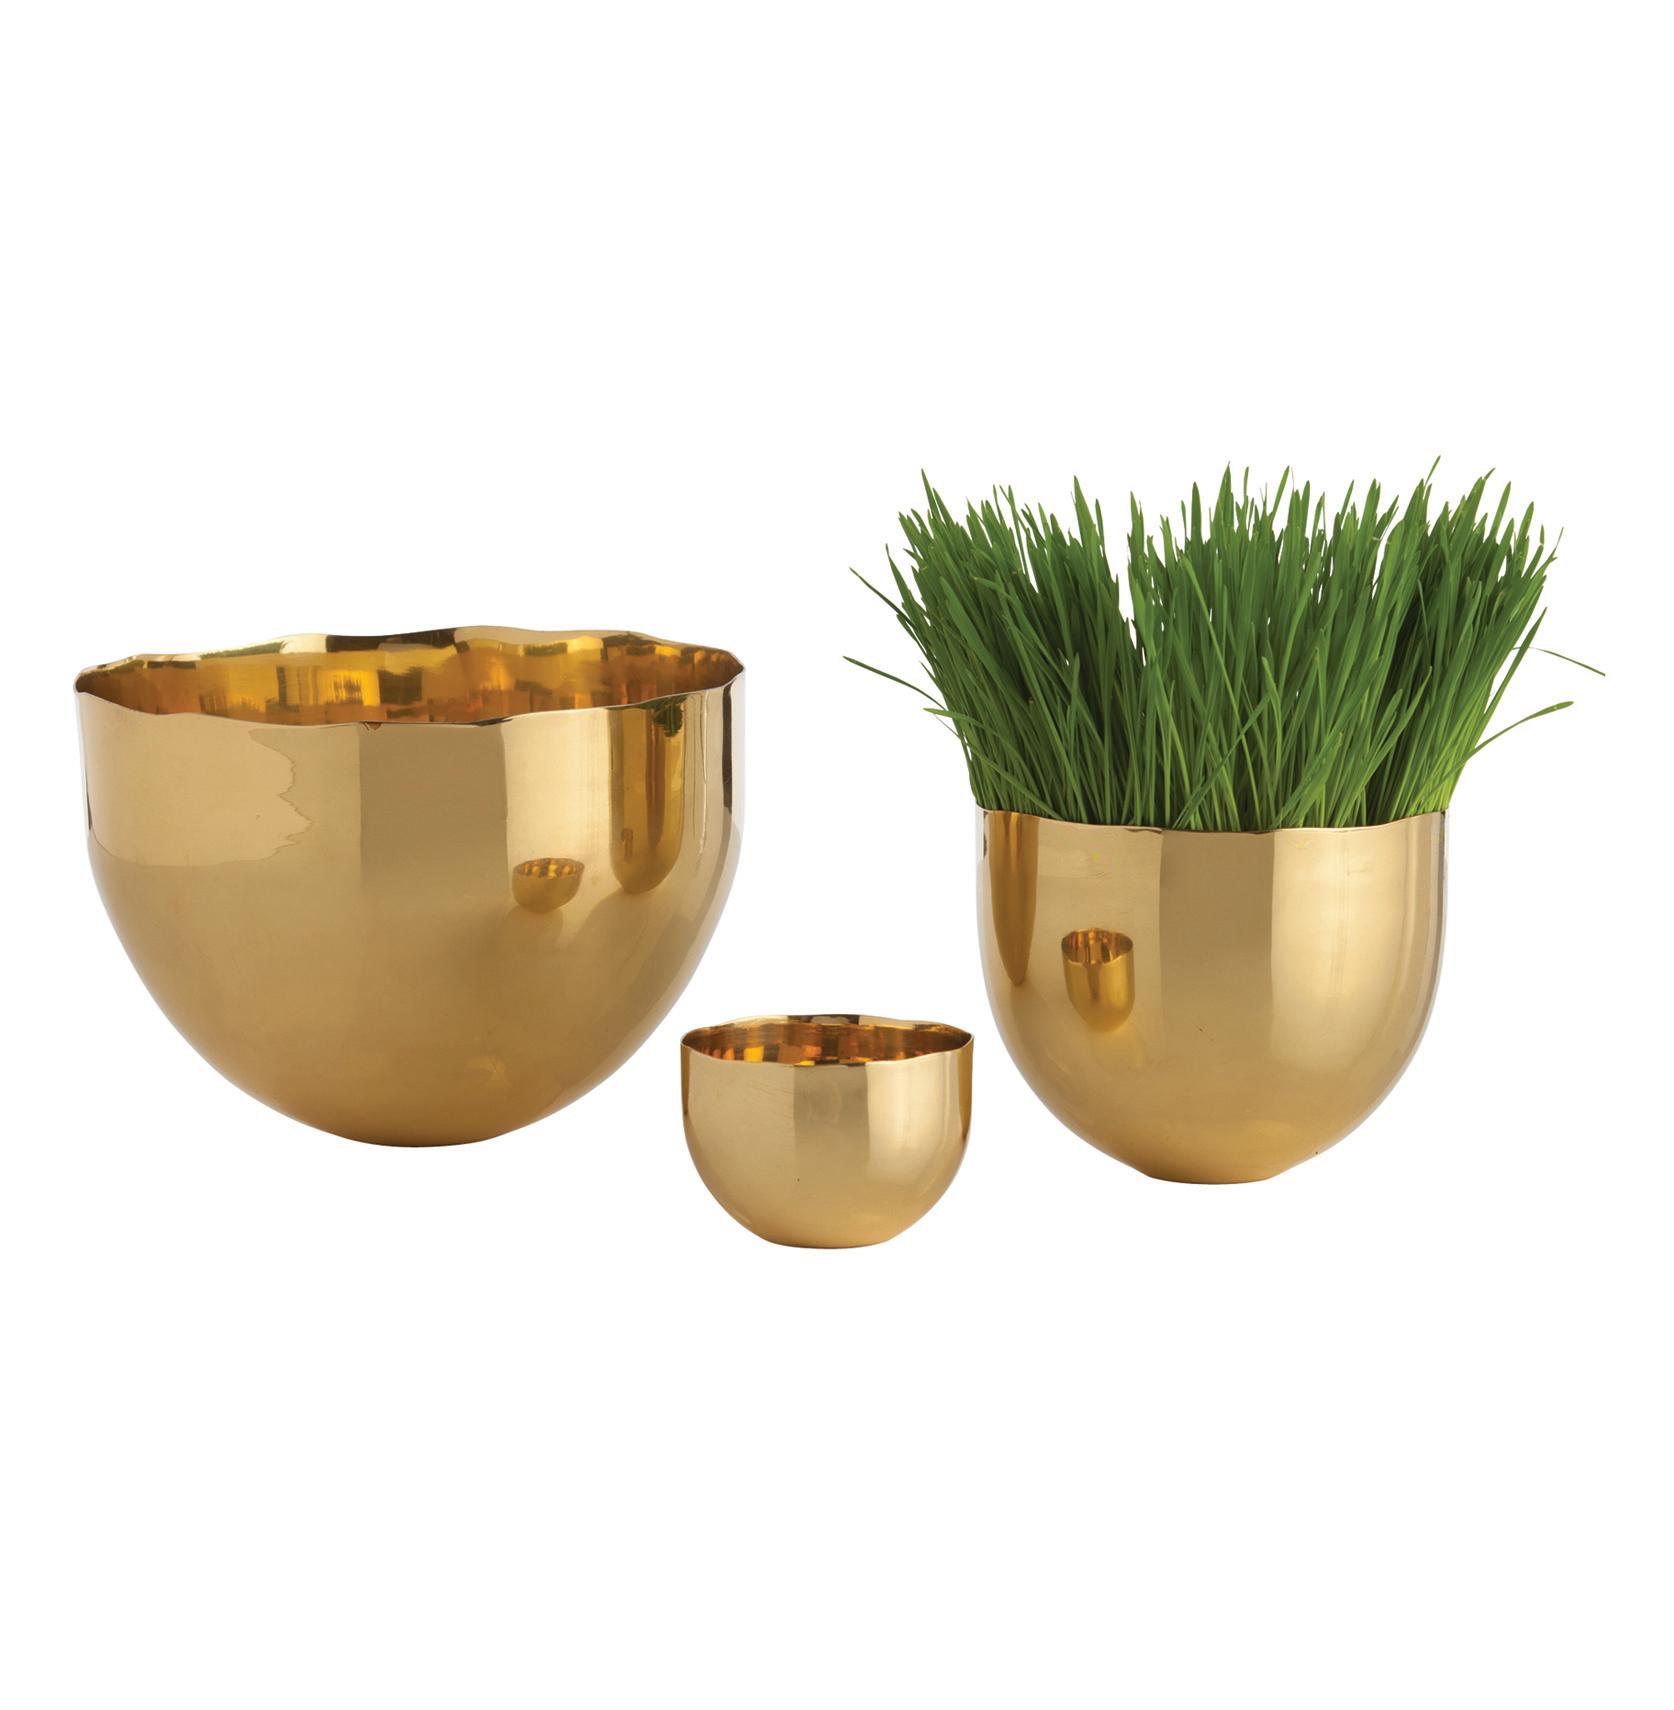 Stockholm Irregular Edge Modern Polished Brass Bowls- Set of 3